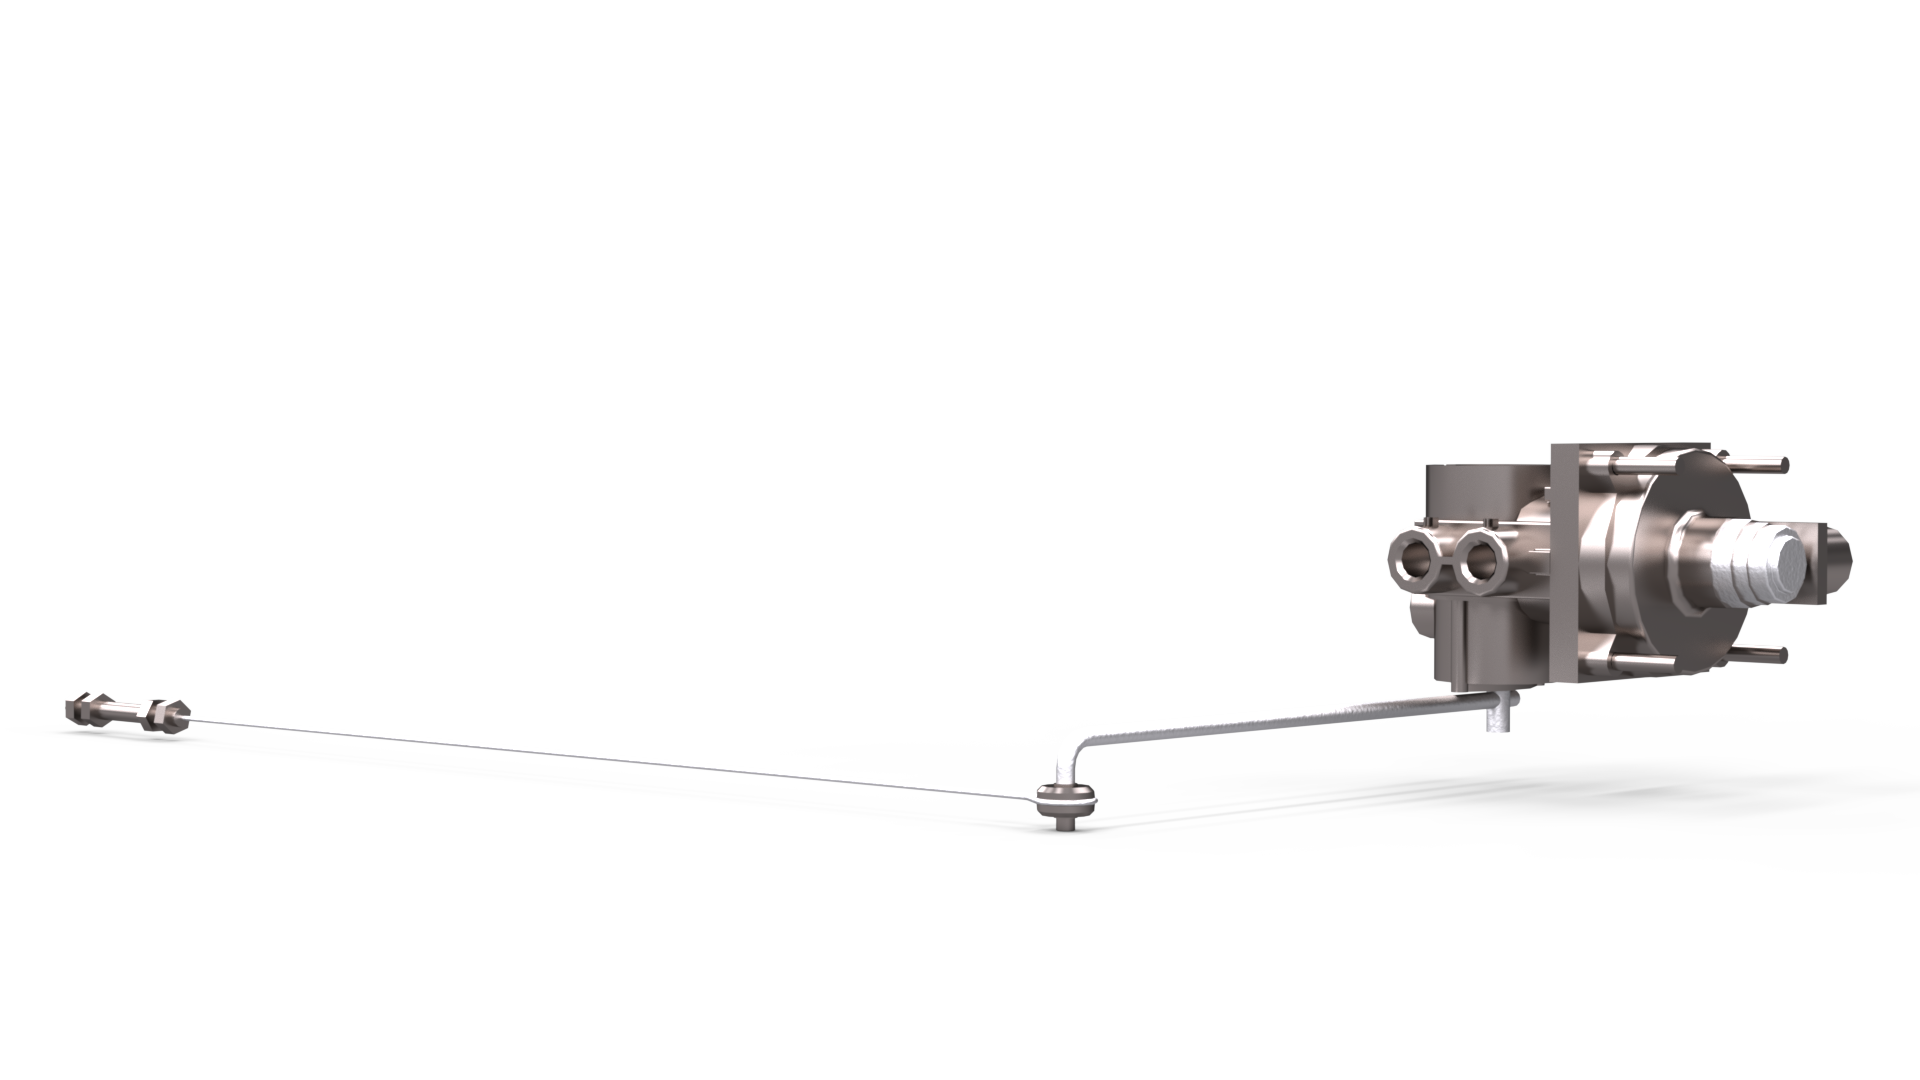 automatyczny regulator sily hamowania zawor alb